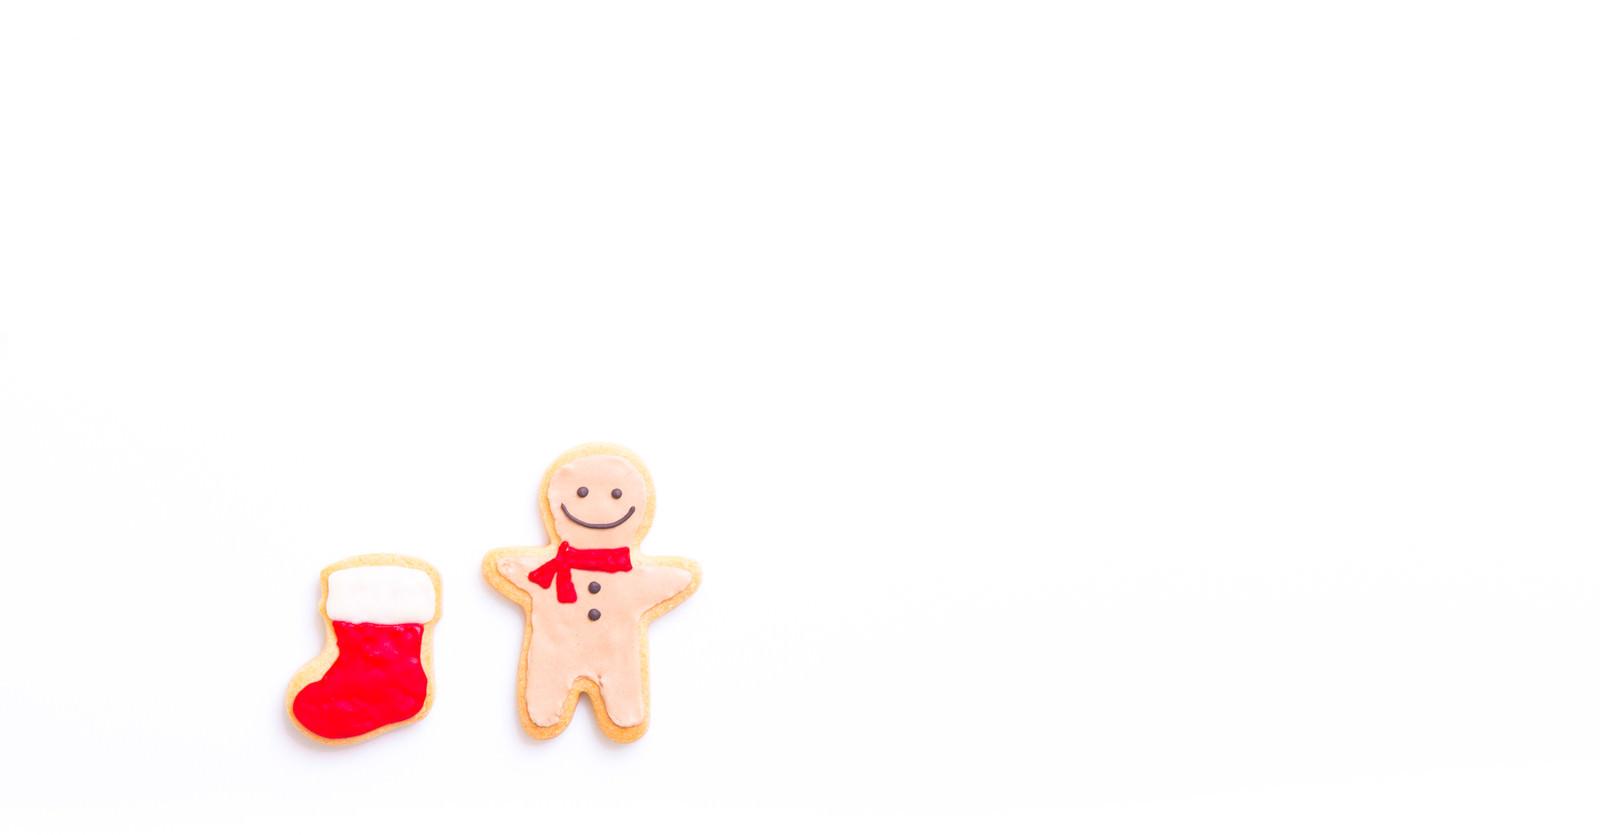 「サンタさんからの贈り物まだかなー(アイシングクッキー)」の写真